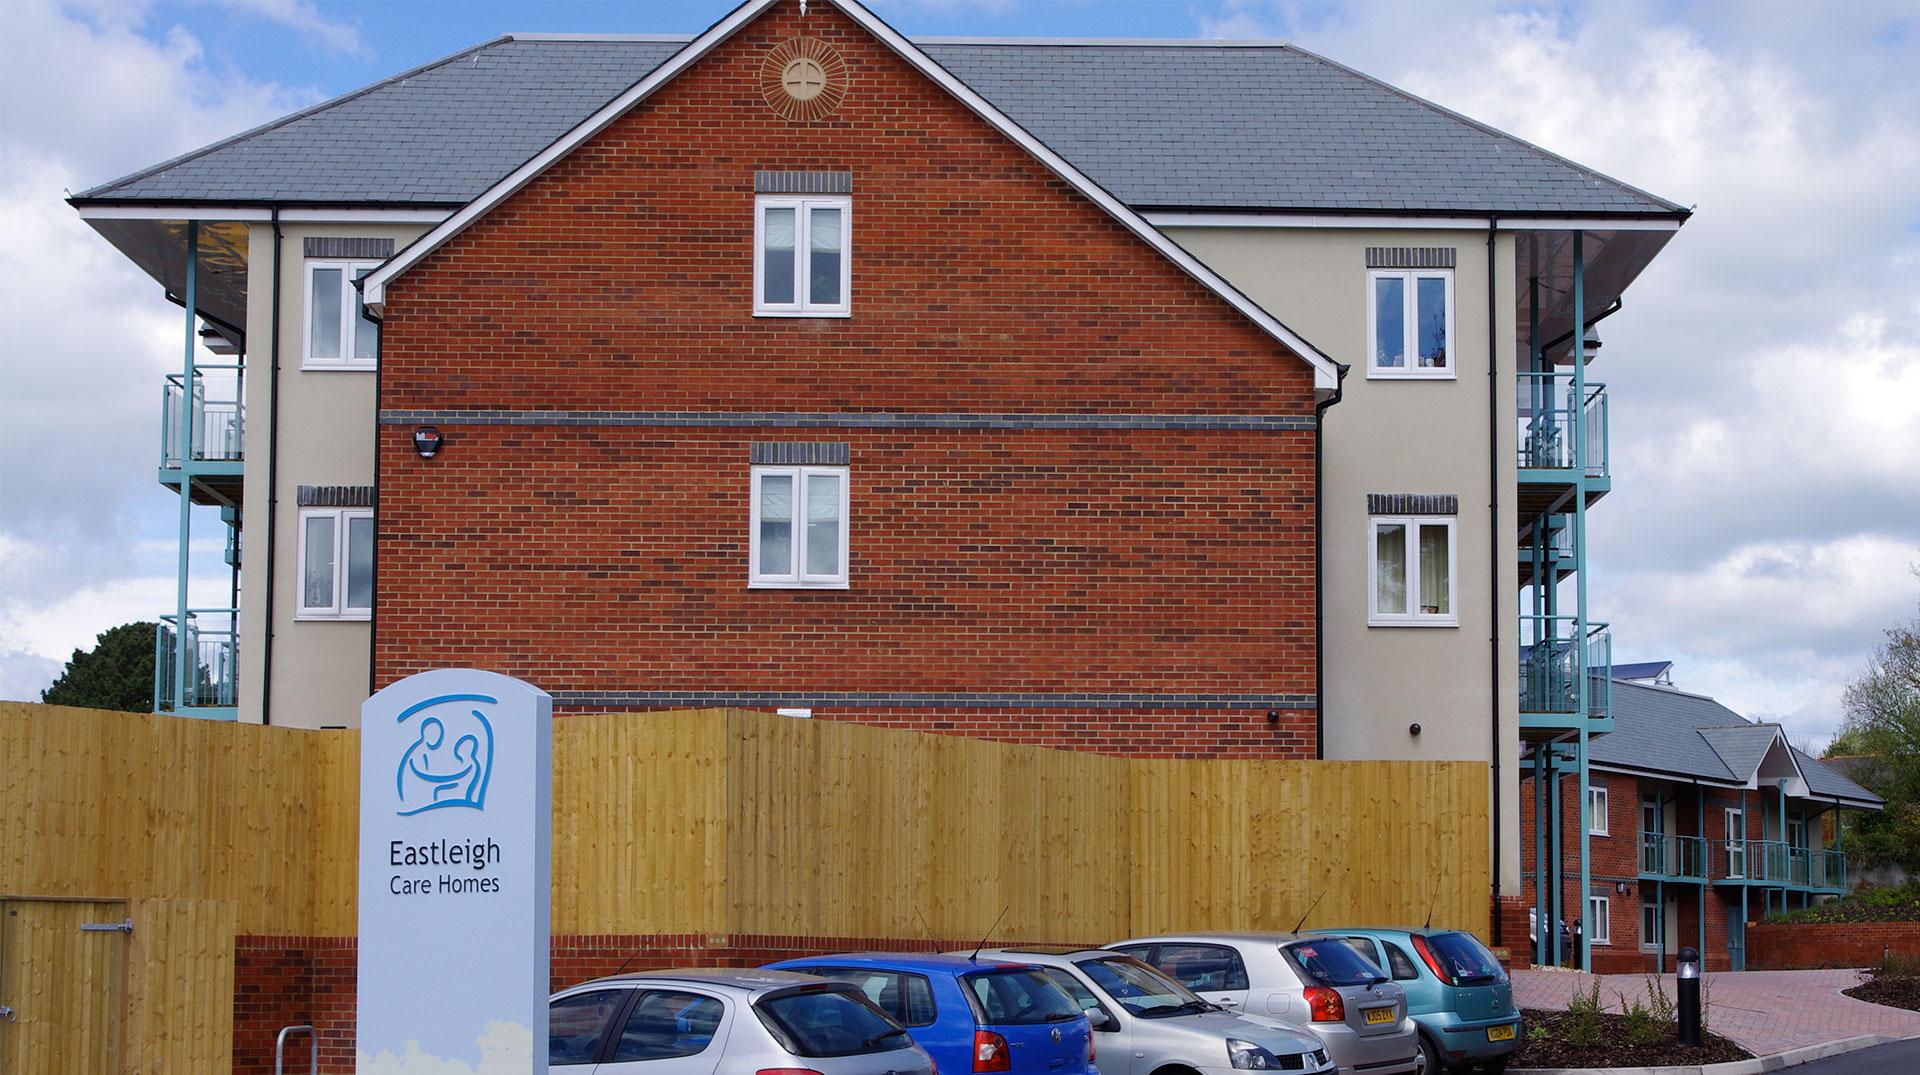 Care Home Development in South Molton